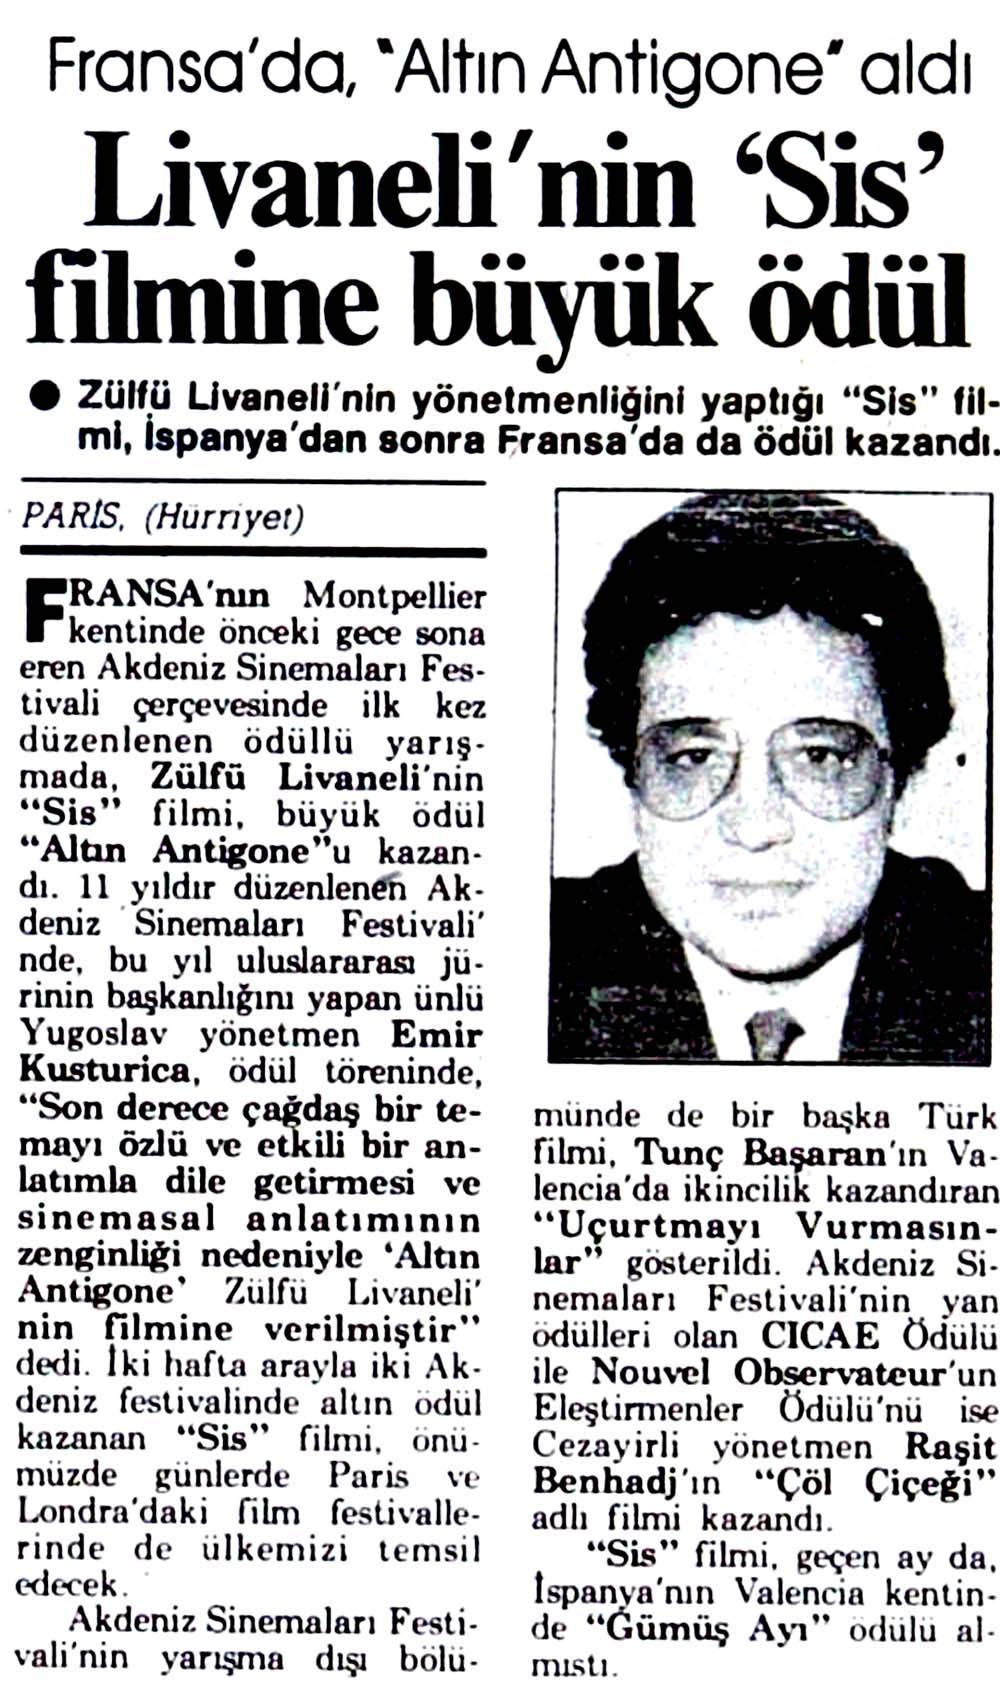 Livaneli'nin 'Sis' filmine büyük ödül